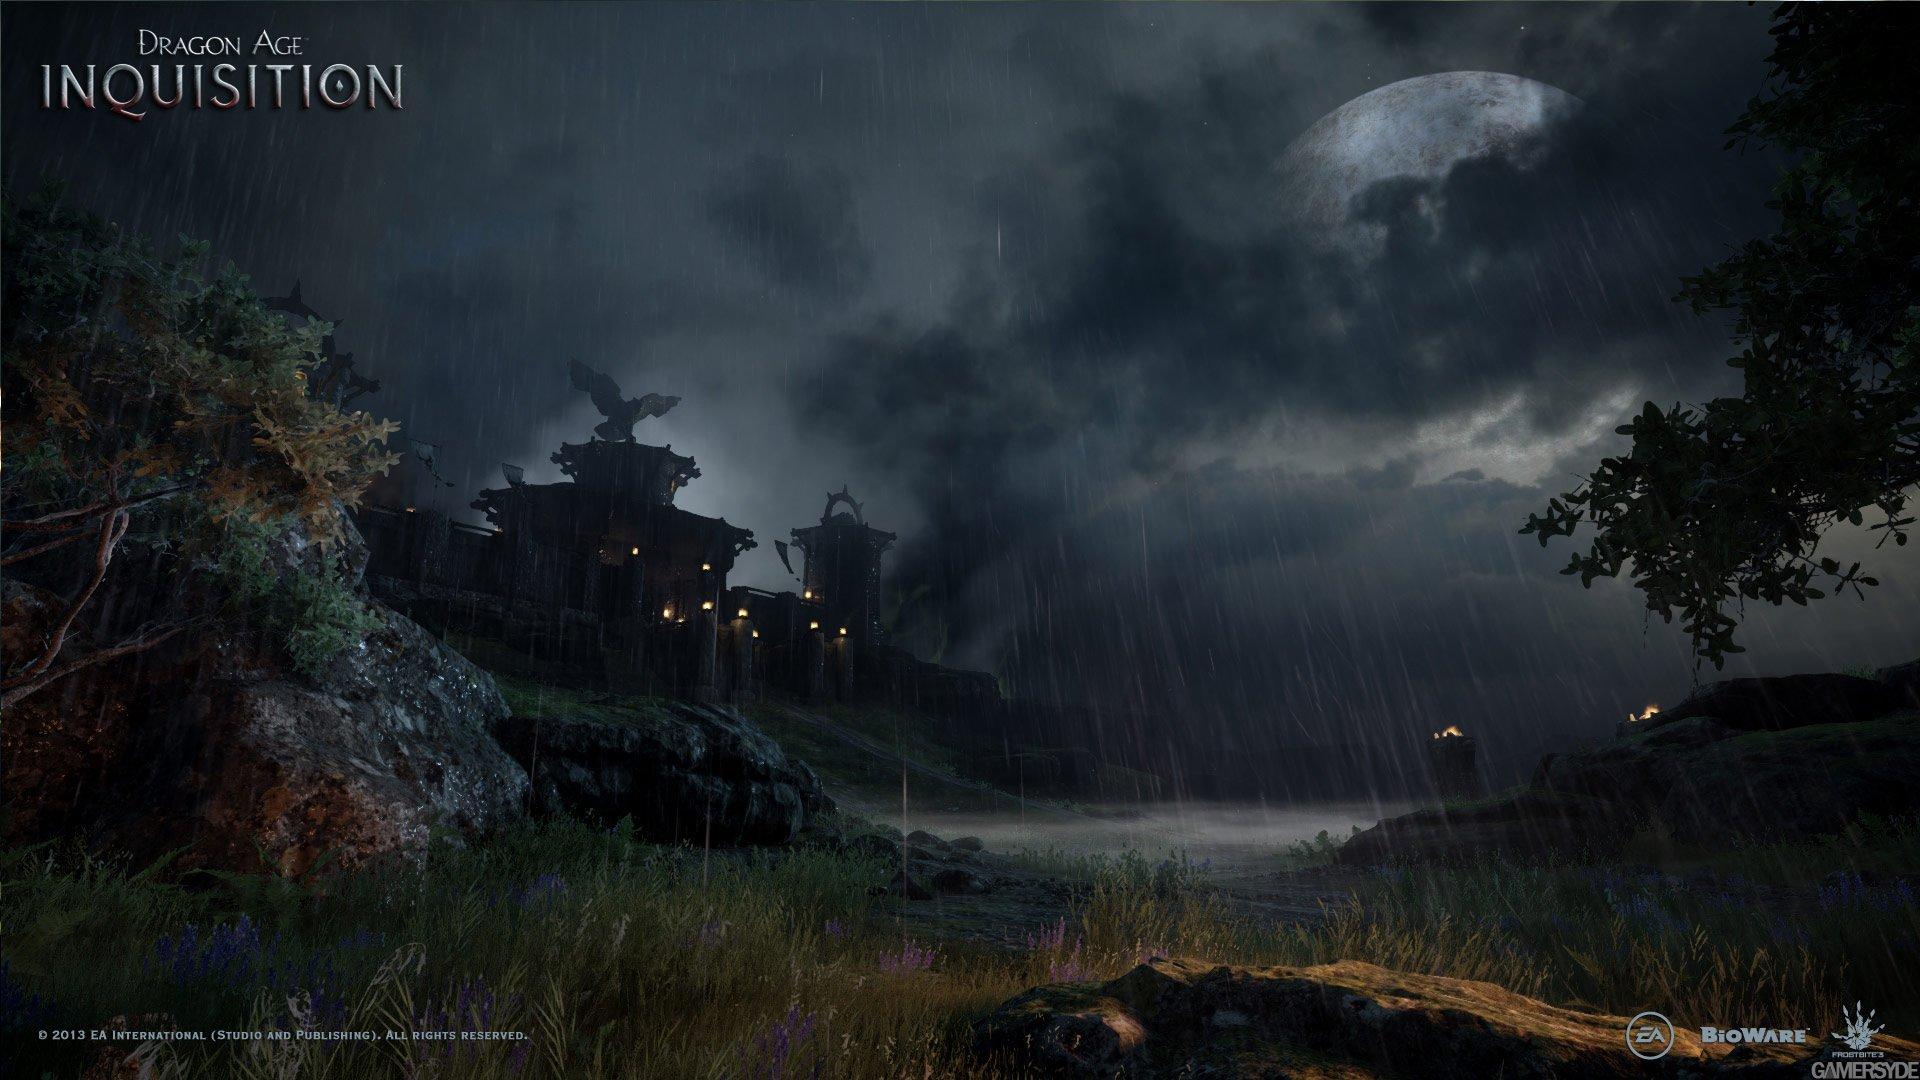 Исследование открытого мира в Dragon Age Inquisition не будет столь же обширным, как в Skyrim - Изображение 1